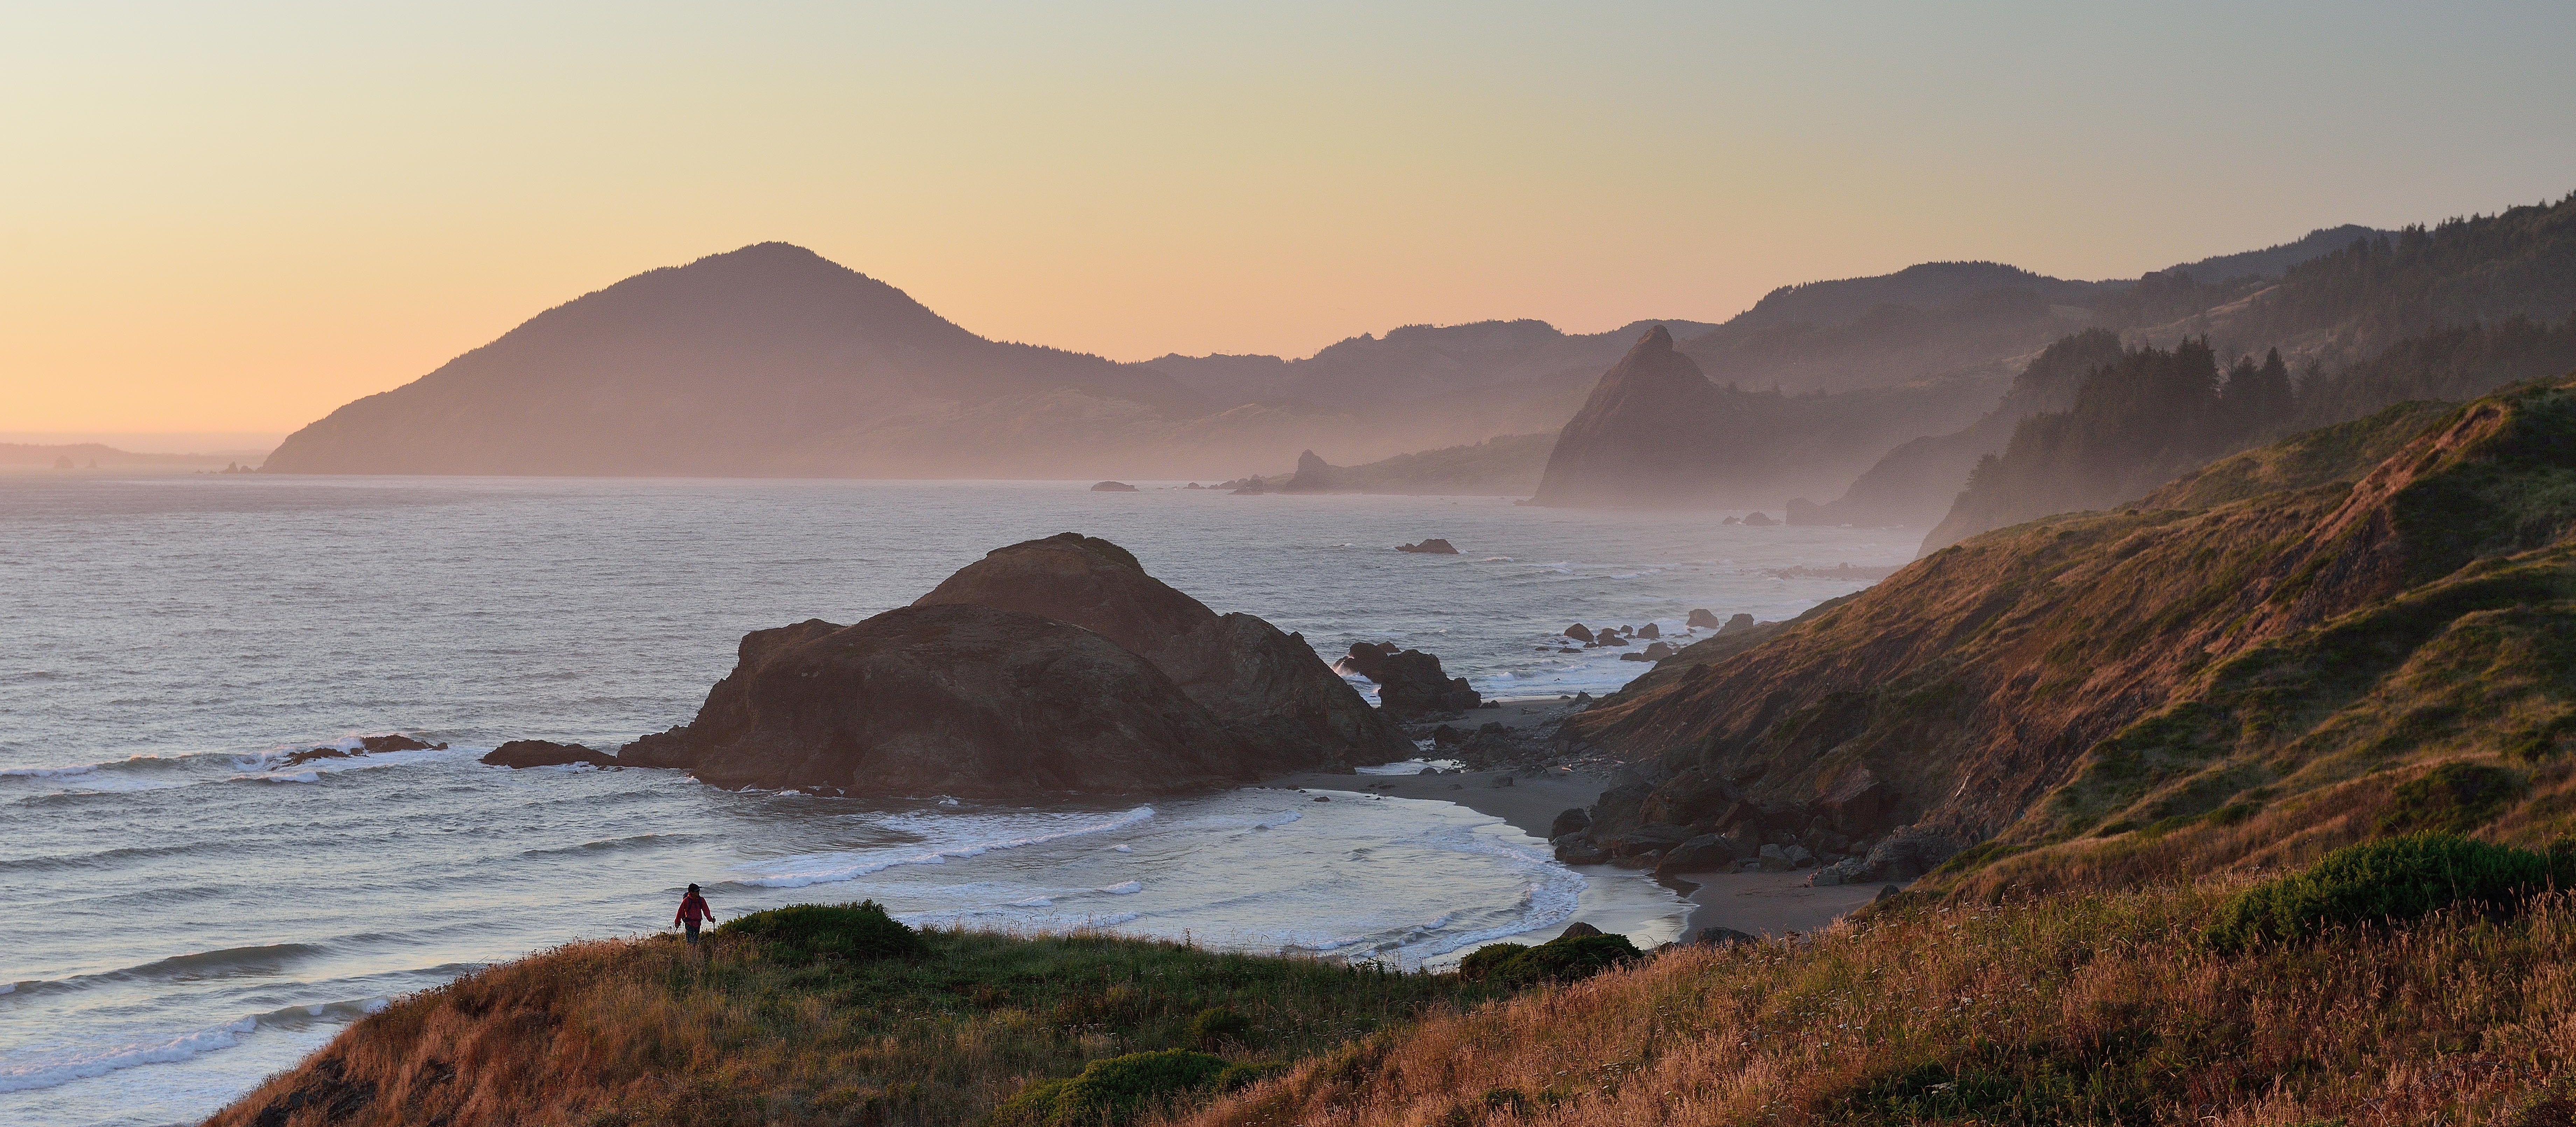 Ein wunderschöner Küstenabschnitt Oregons in der Abenddämmerung